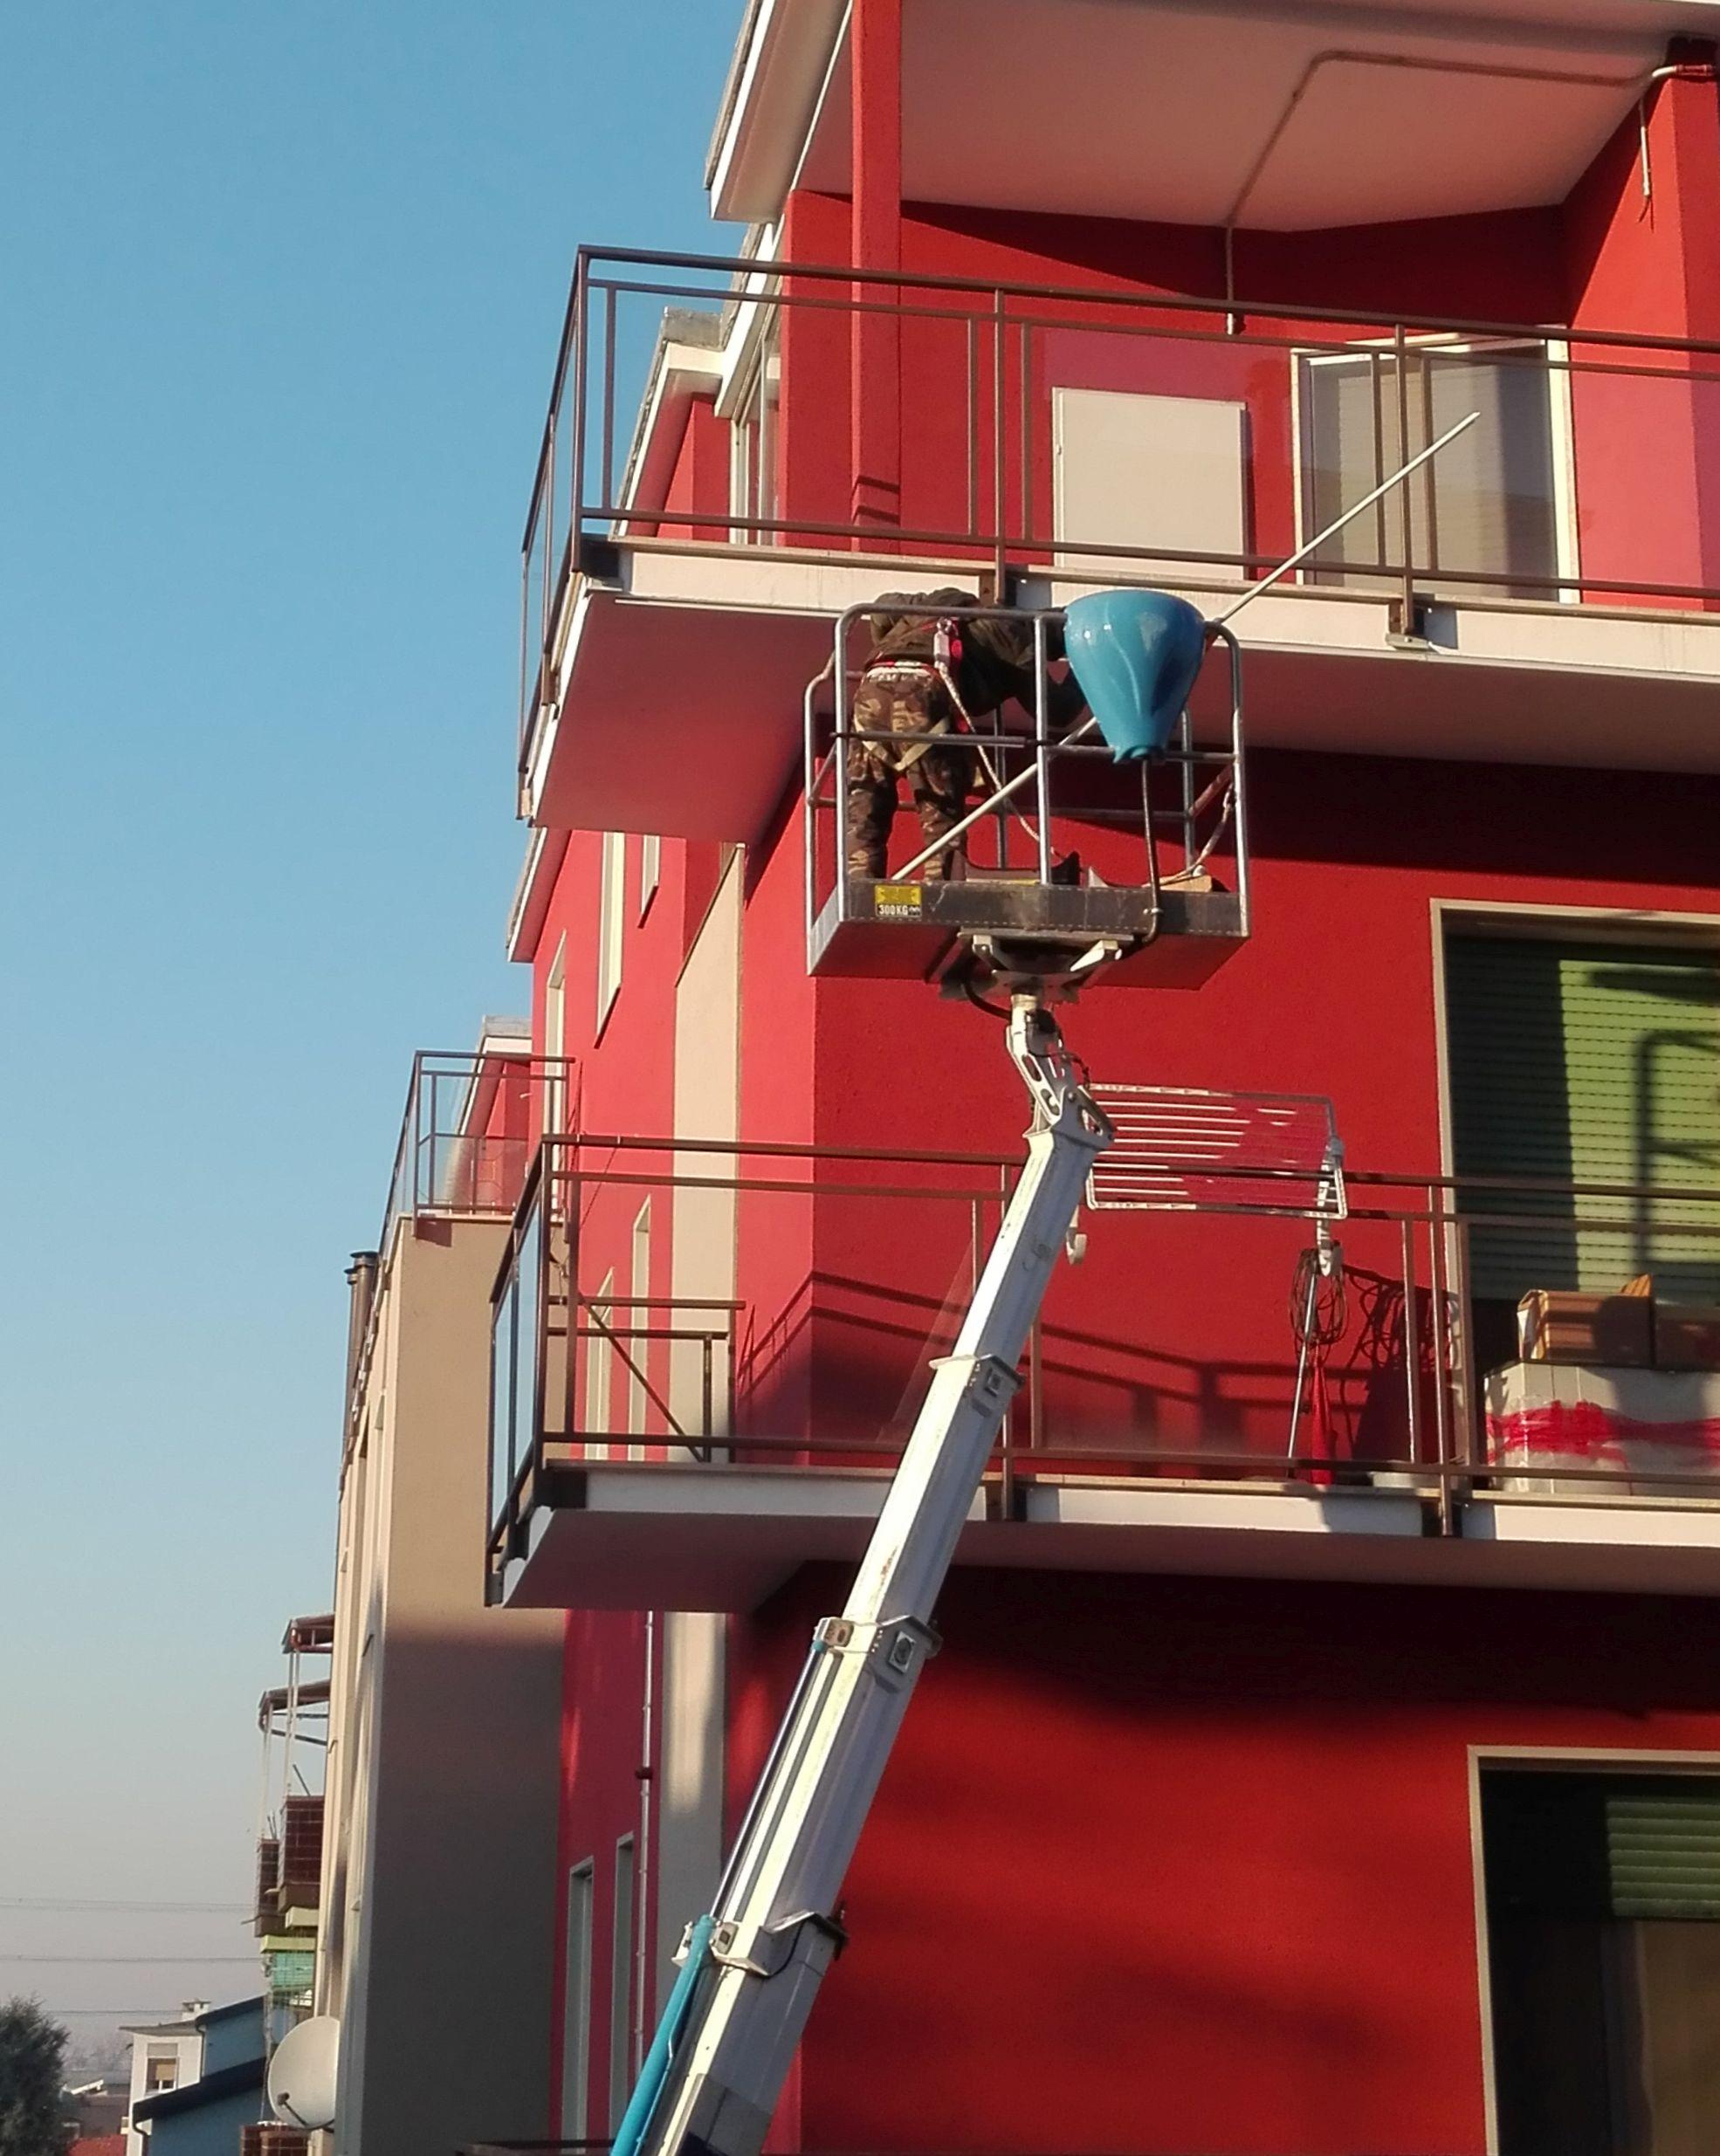 Pittura balconi con piattaforma aerea.